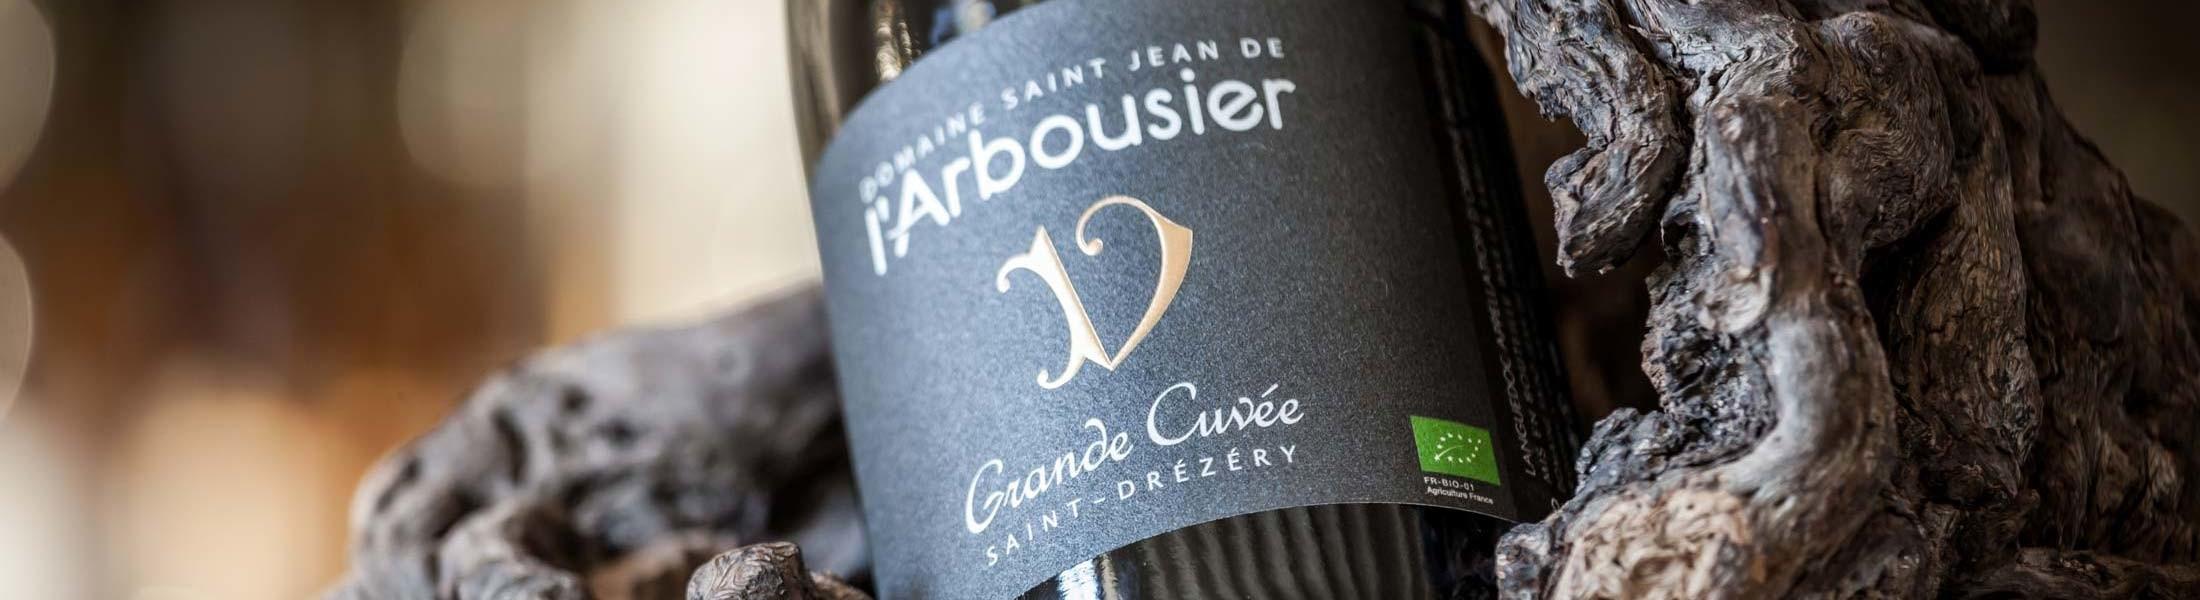 Photo bandeau - bouteille Grande Cuvée - vigne - vin bio - Domaine Saint Jean de l'Arbousier